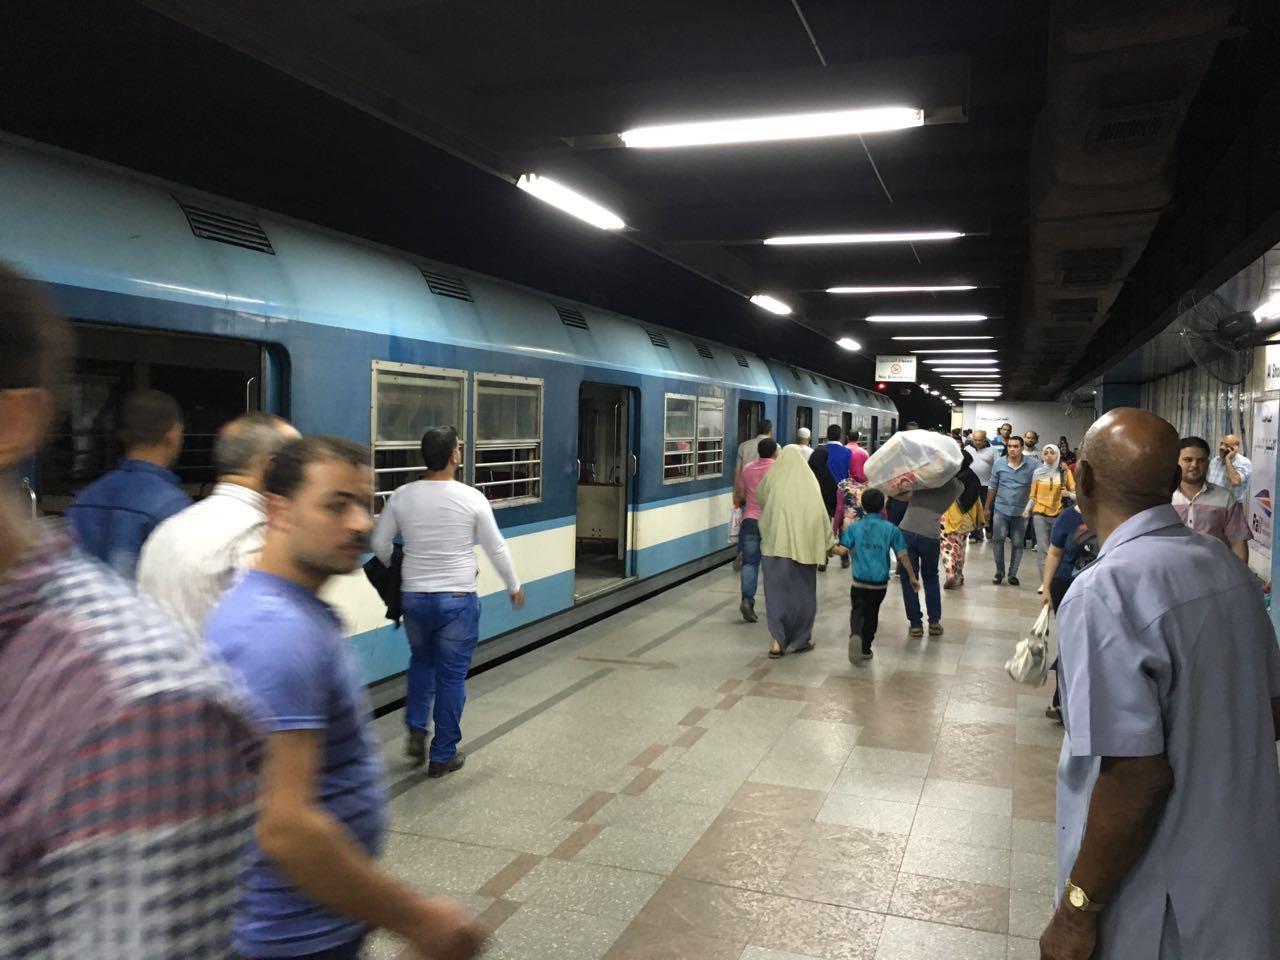 بالصور.. لحظة تعطل مترو المرج في محطة الشهداء